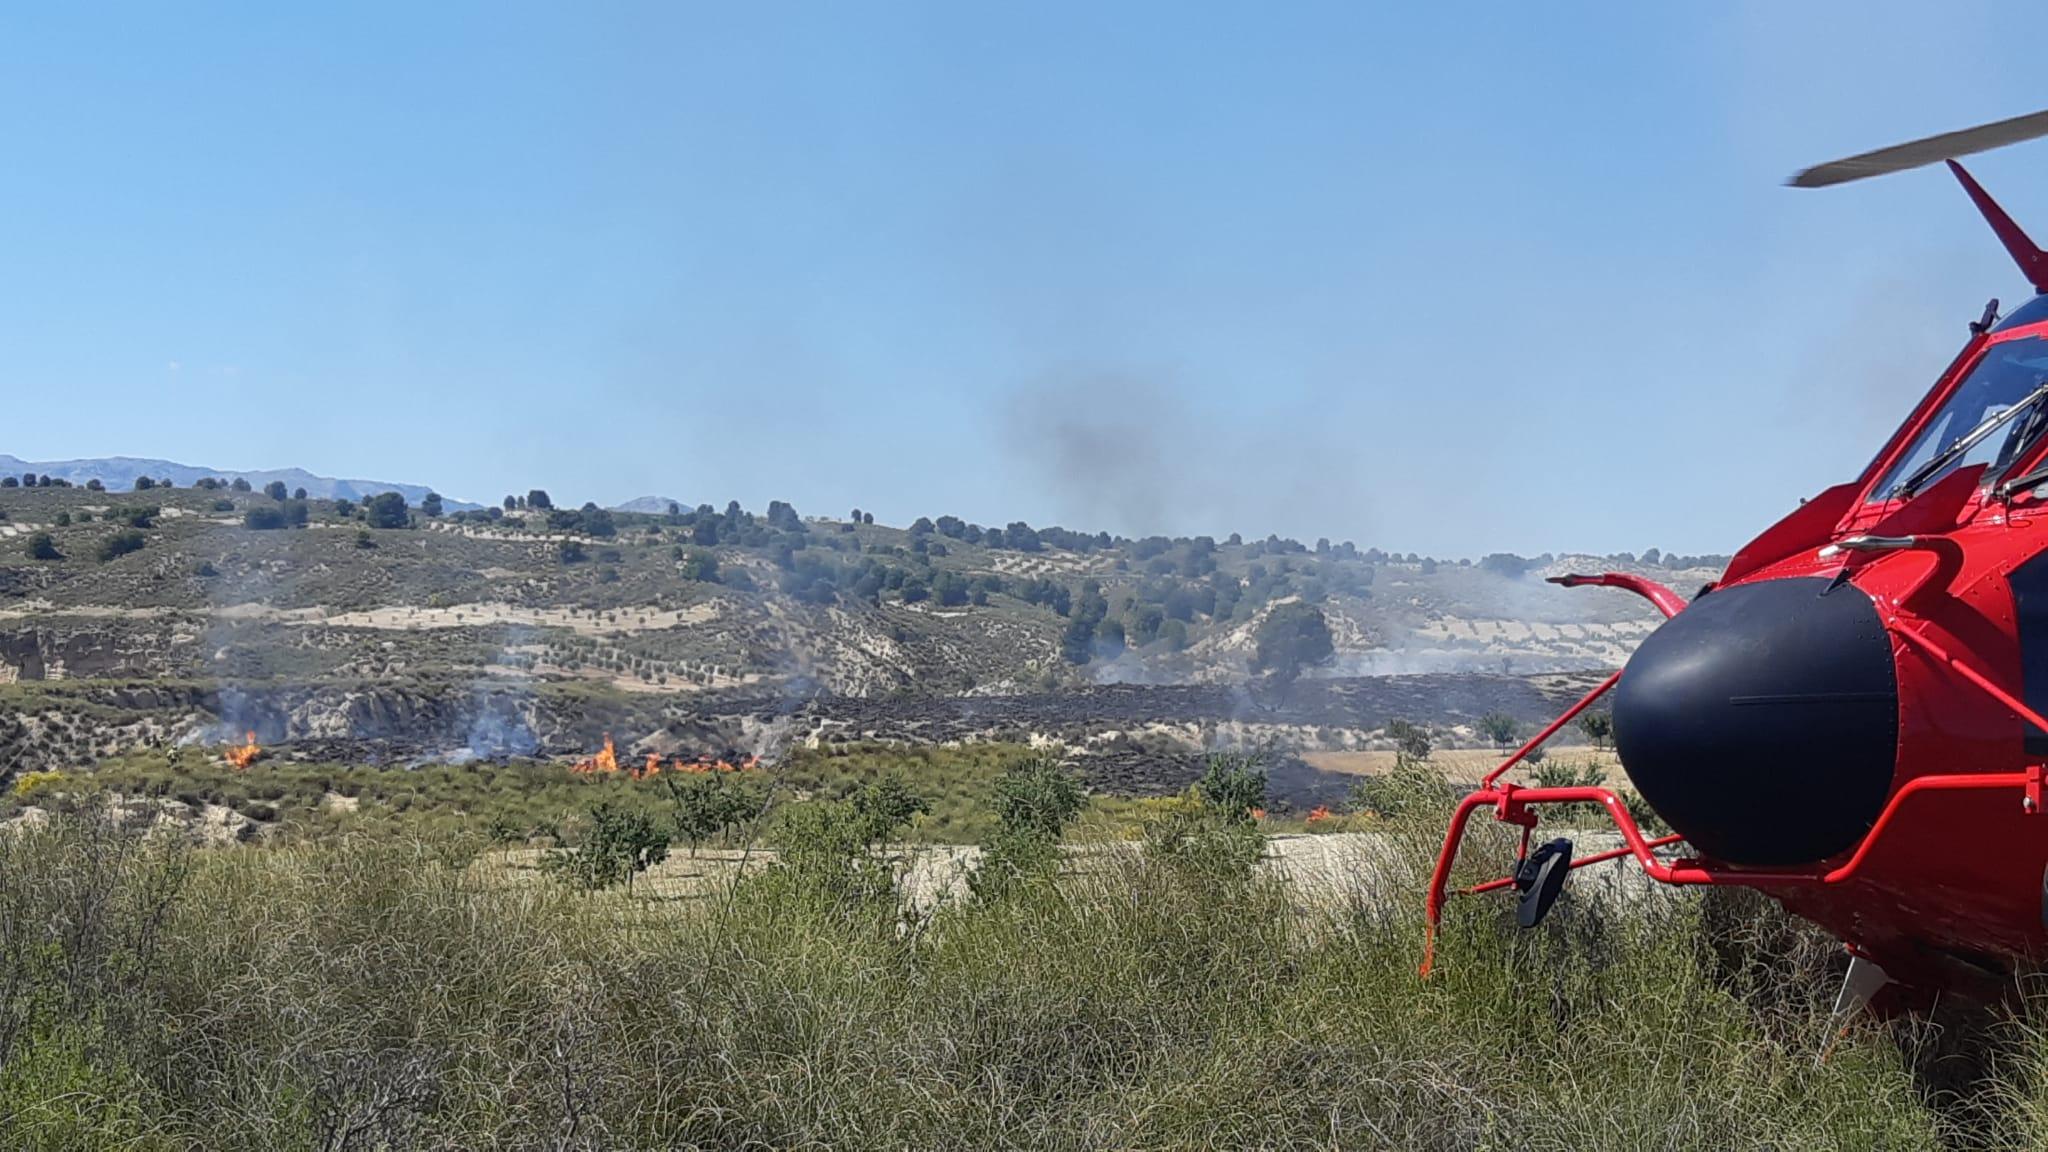 El incendio forestal de Cortes de Baza calcinó cuatro hectáreas de matorral